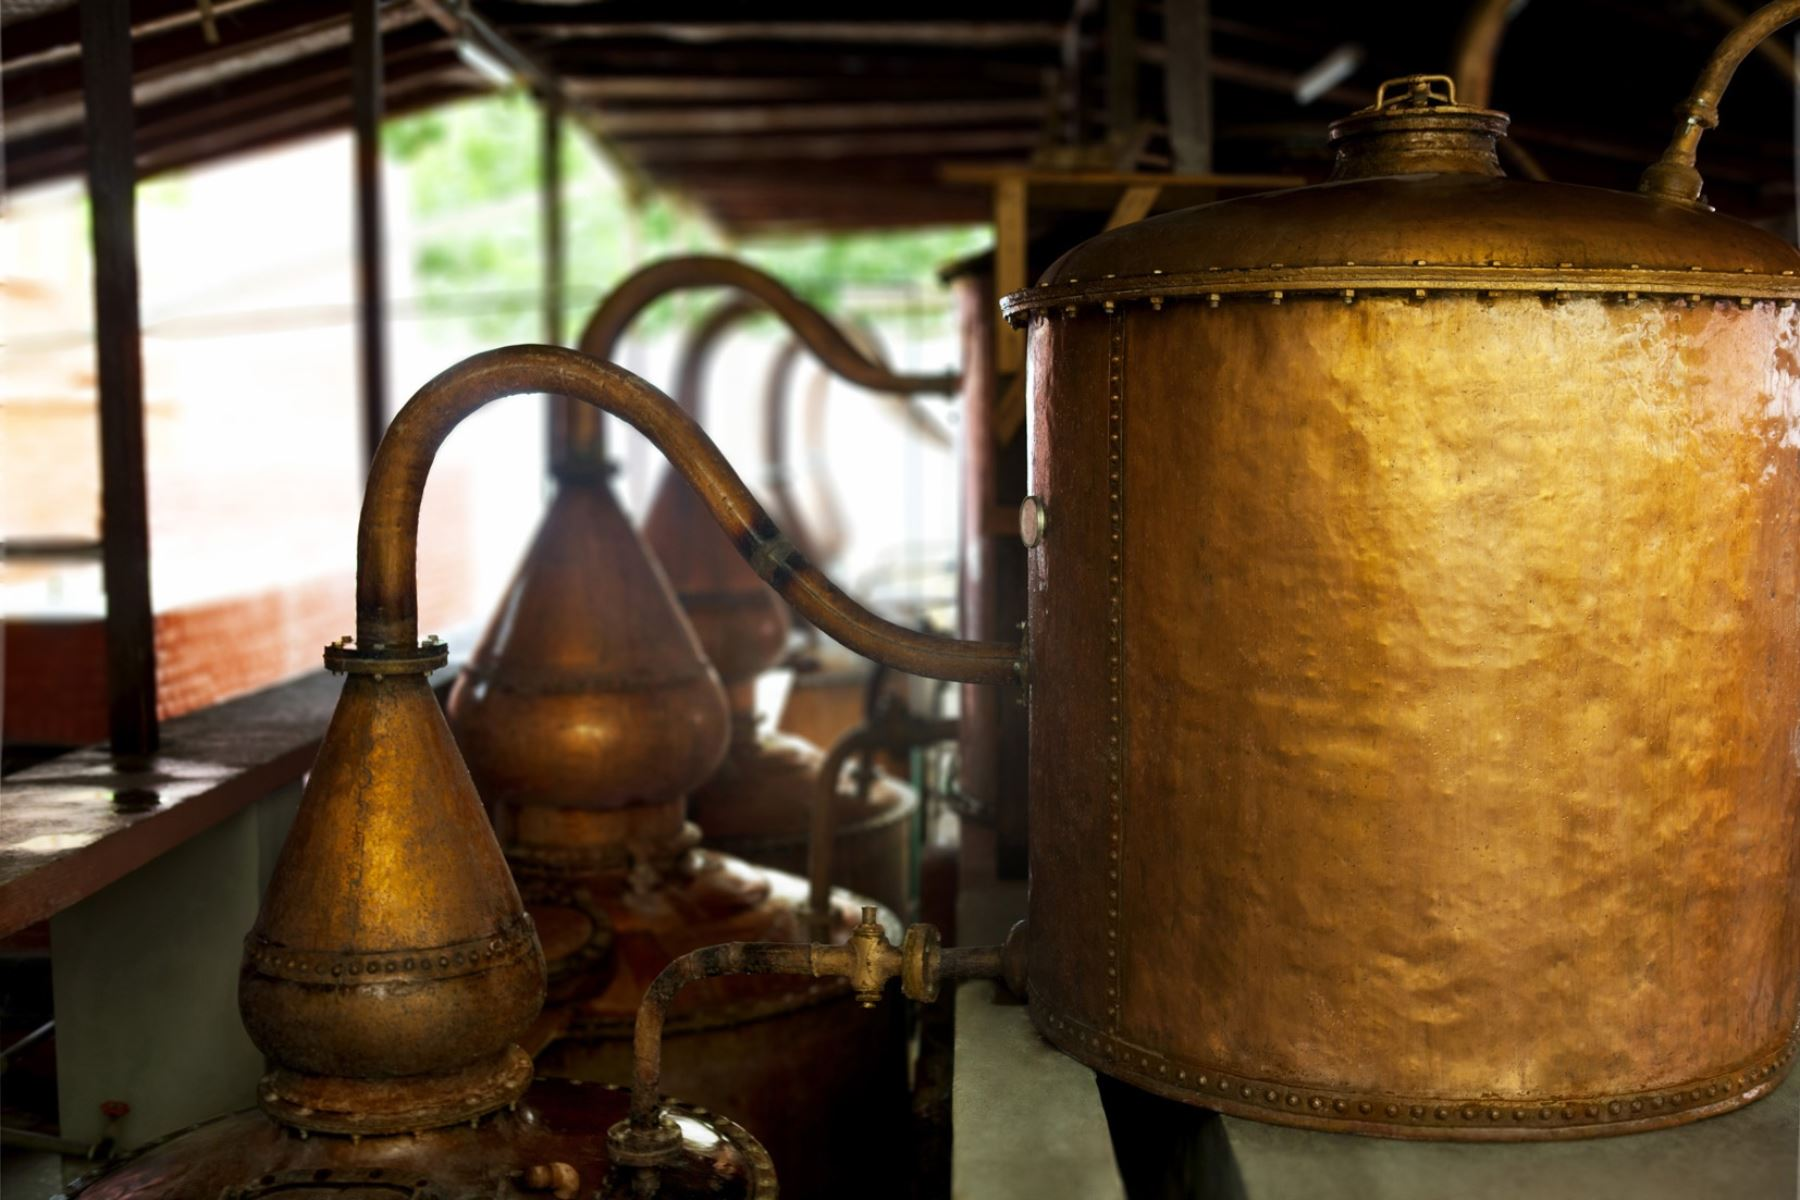 La bodega Vista Alegre es otro viñedo de Ica donde se vive la tradición. Los visitantes apreciarán de su hermosa infraestructura y maquinaria para la elaboración de pisco y vino de hace décadas. Foto: Promperú/Gihan Tubbeh